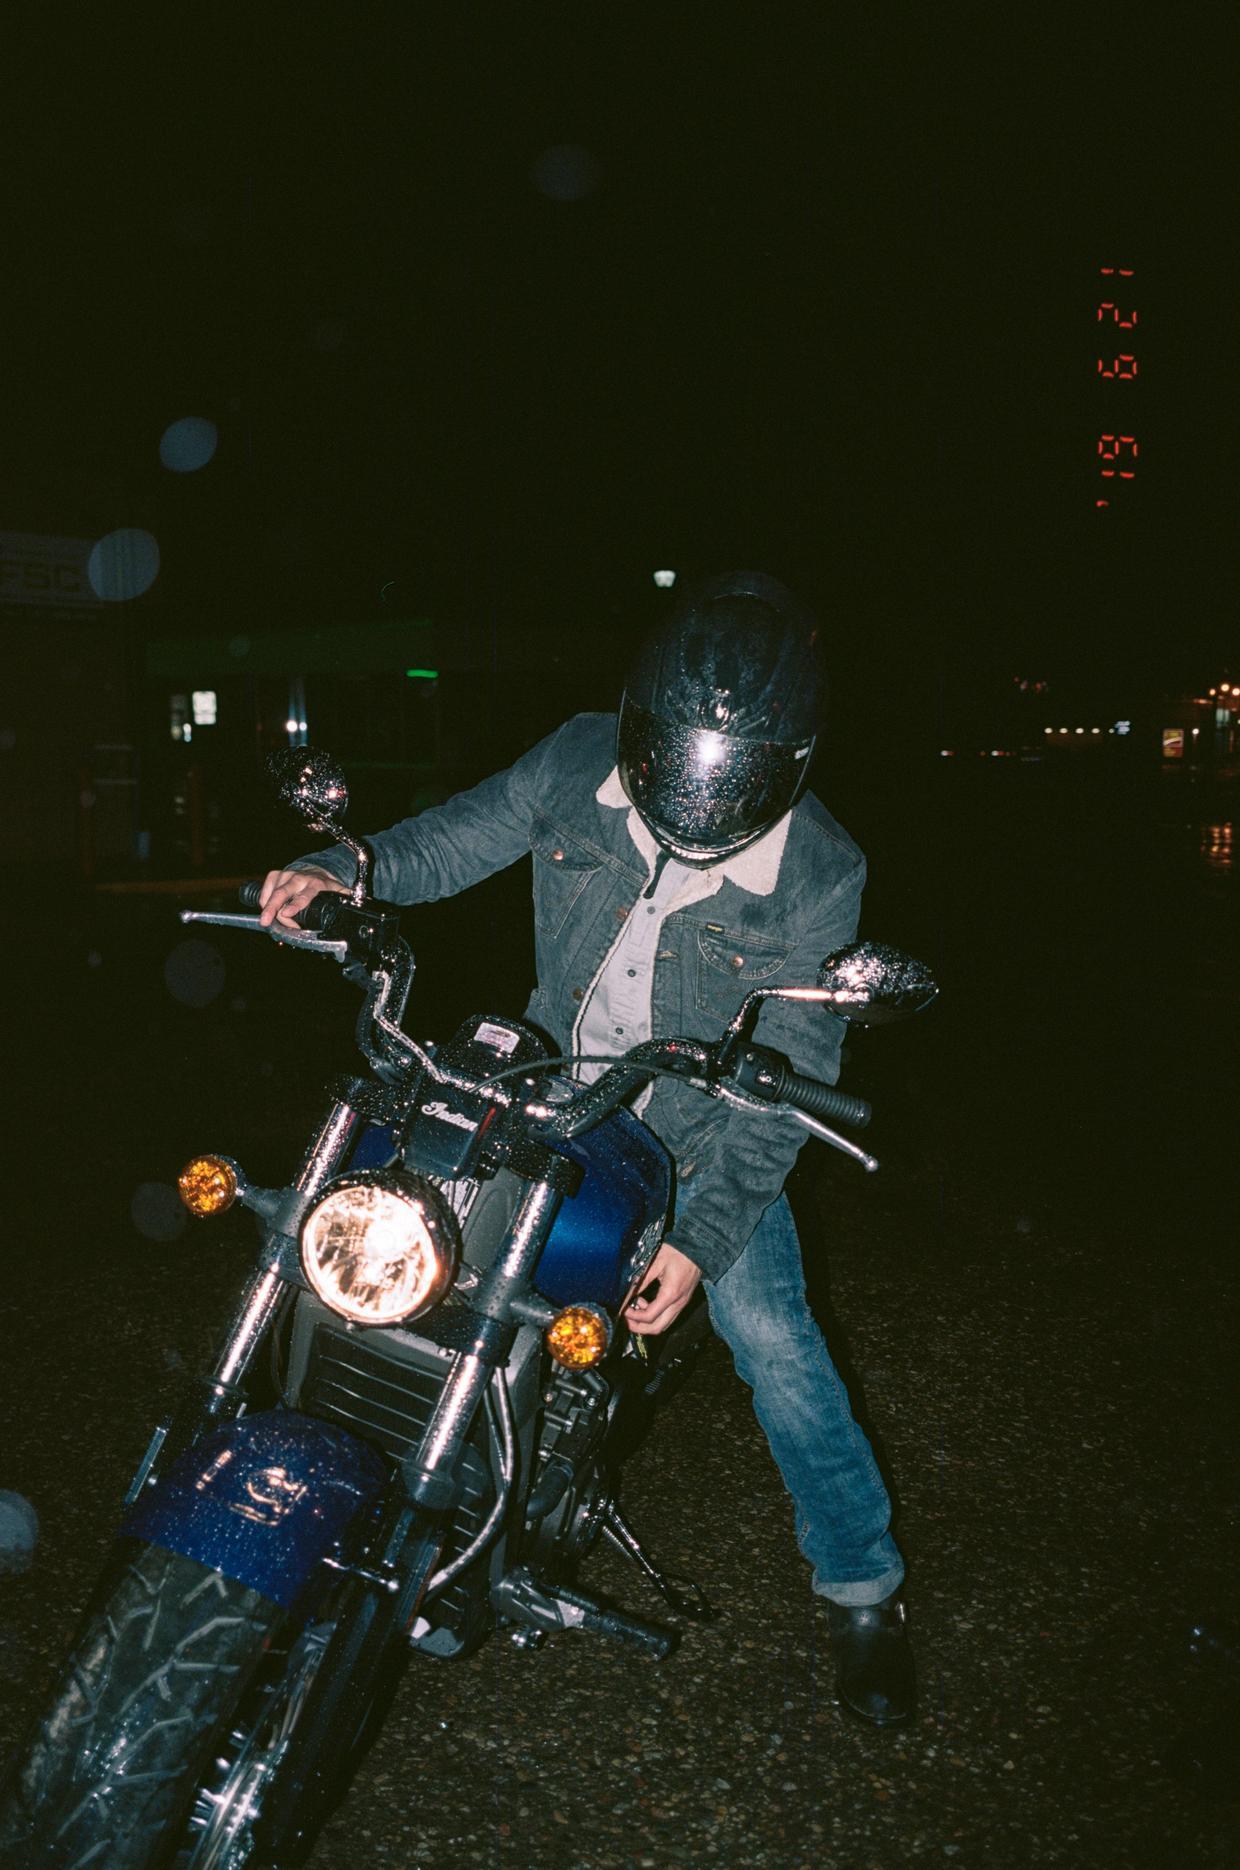 Wrangler - Rainy Ride